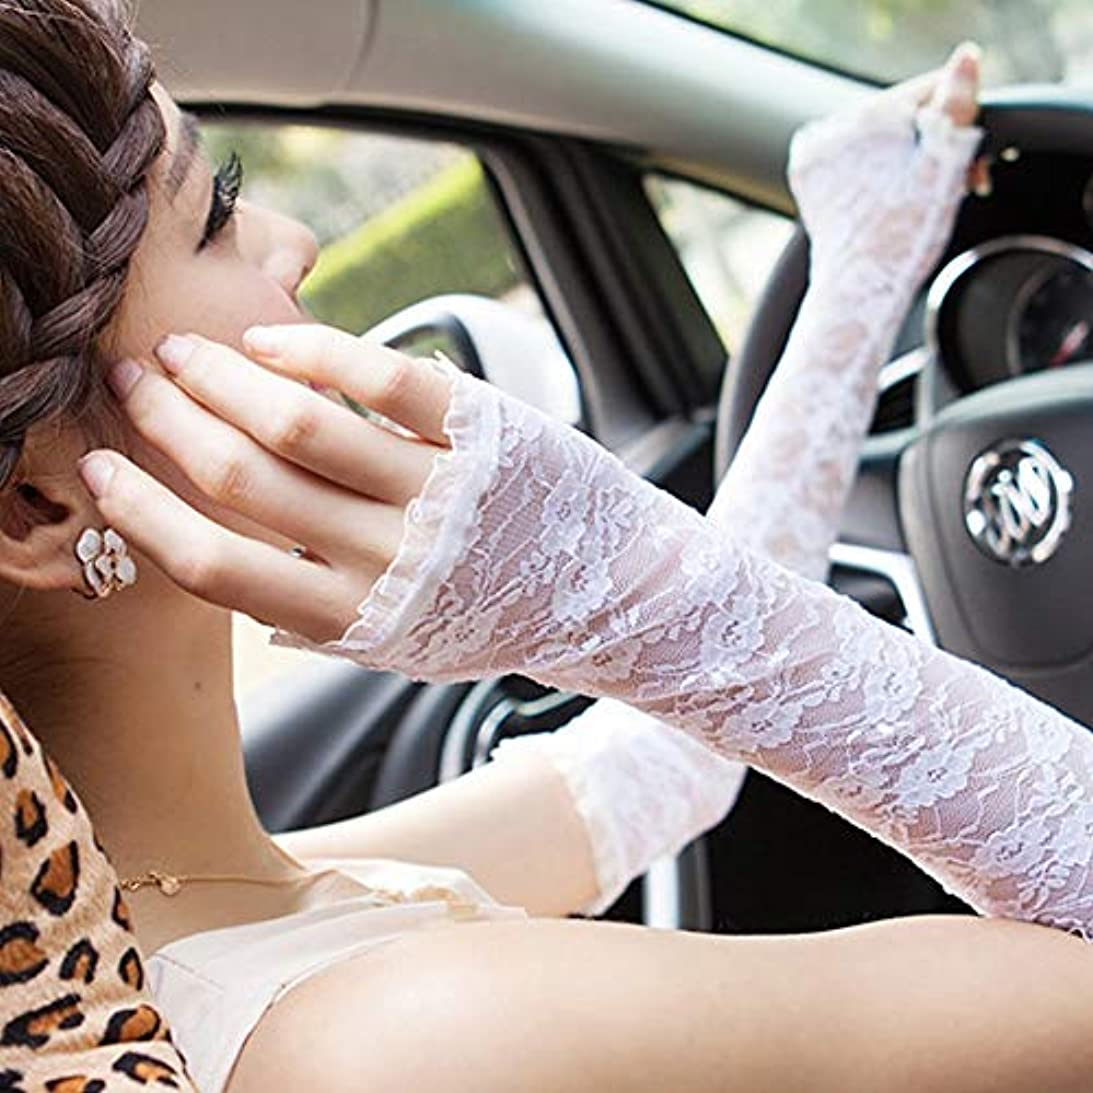 縫い目読書をする矢印グローブレディース 指なし アームカバー 薄手 紫外線対策 ロング レース 夏日焼け止め手袋フ